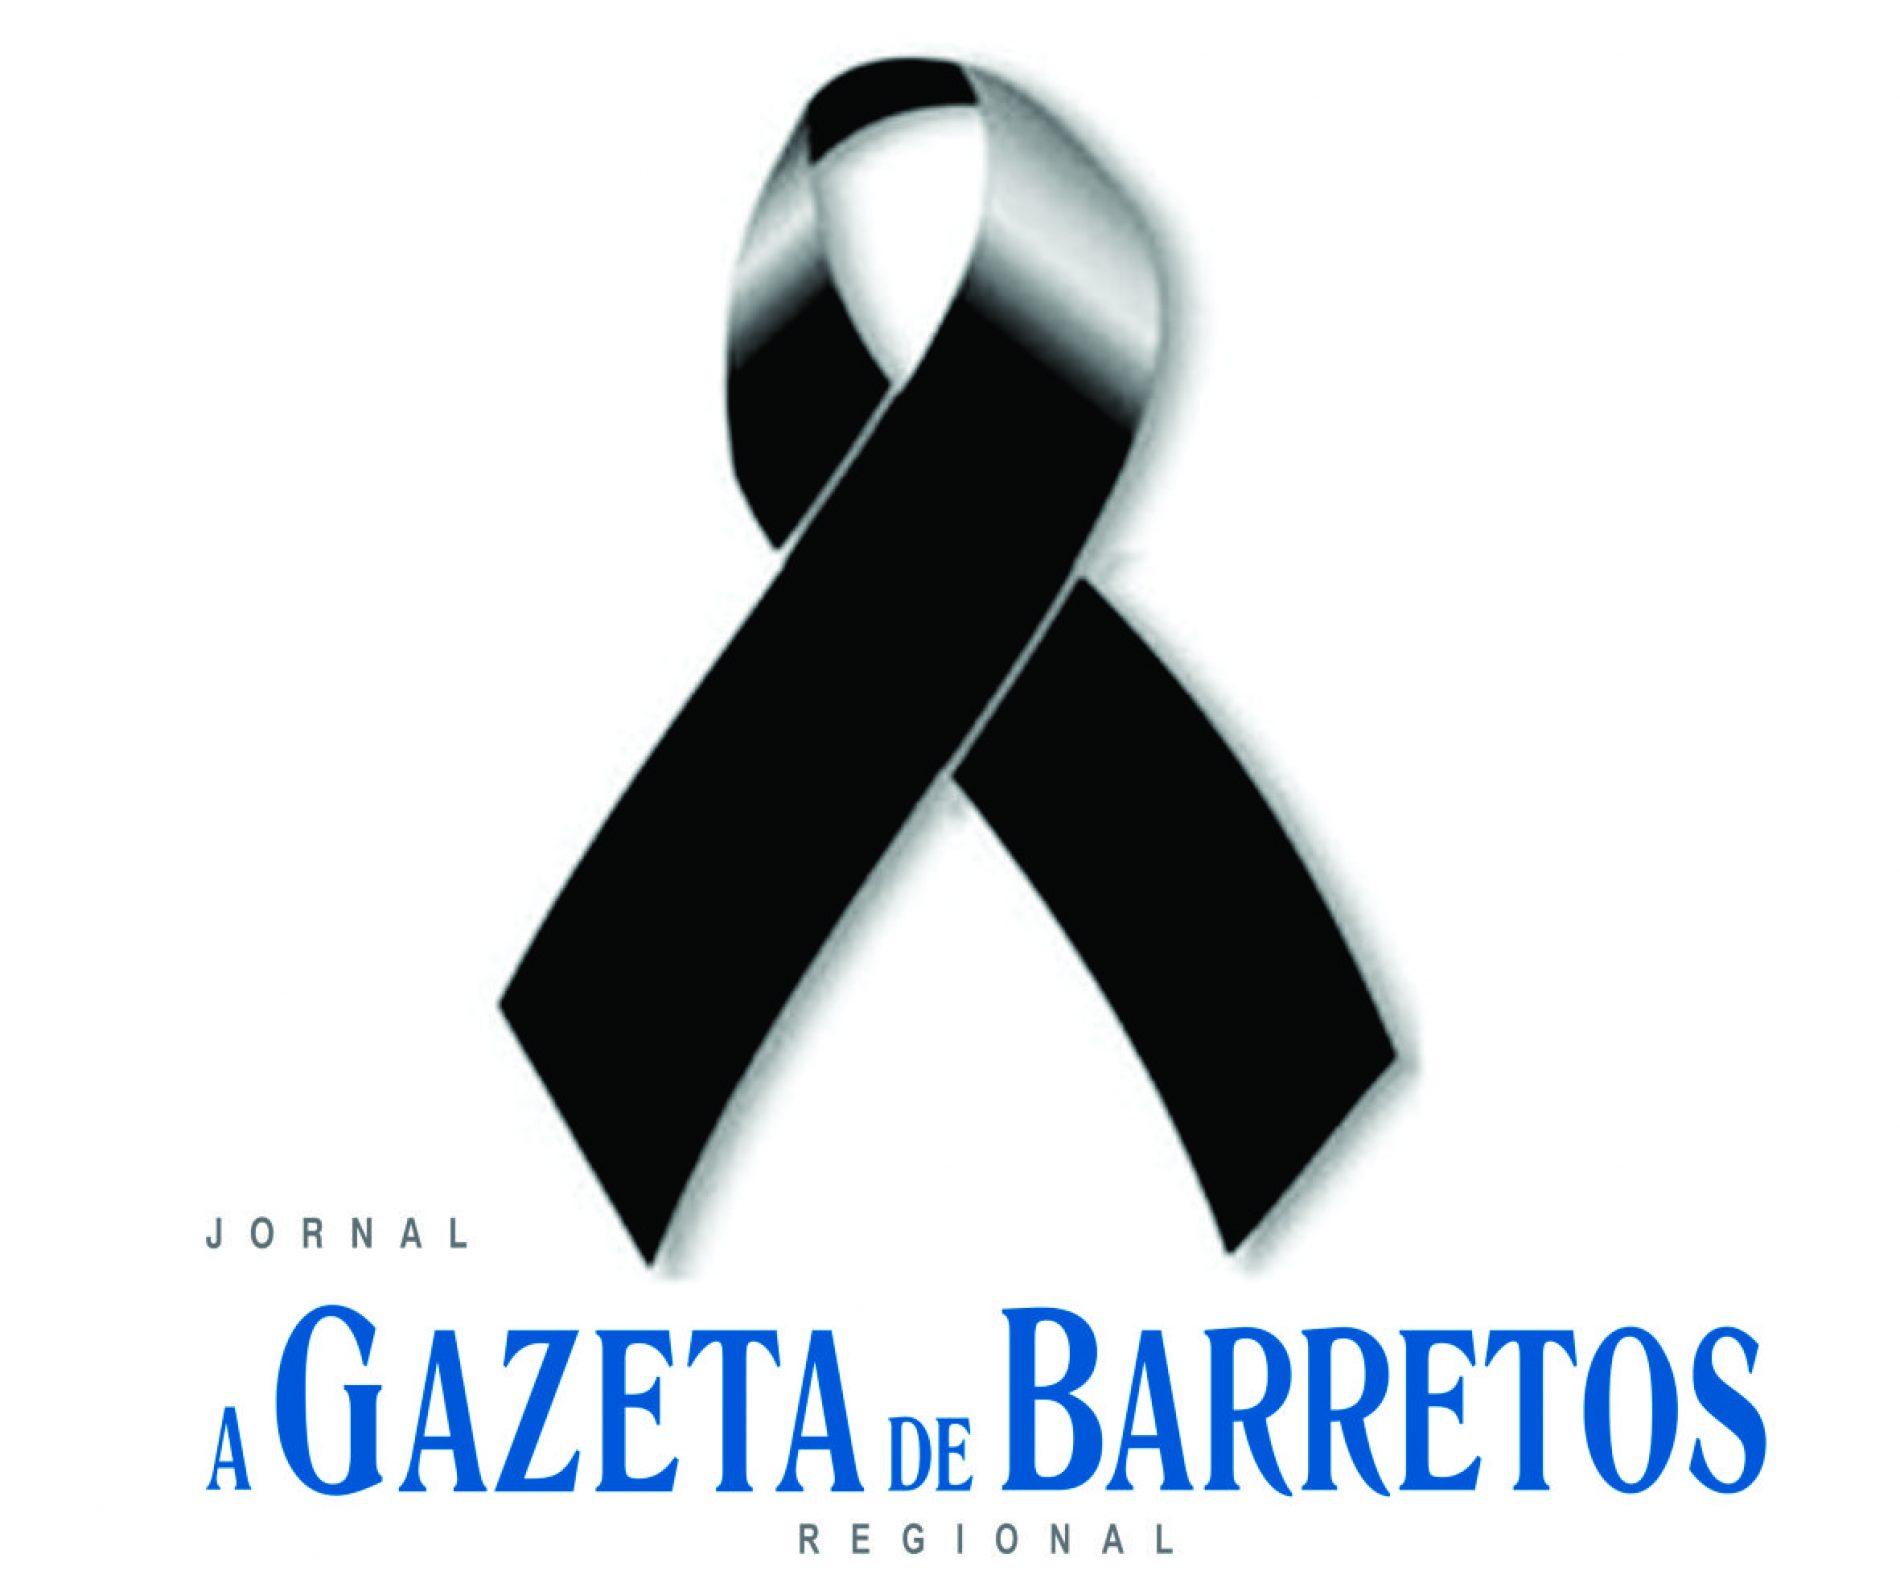 SEPULTAMENTOS EM BARRETOS 18/10/2017